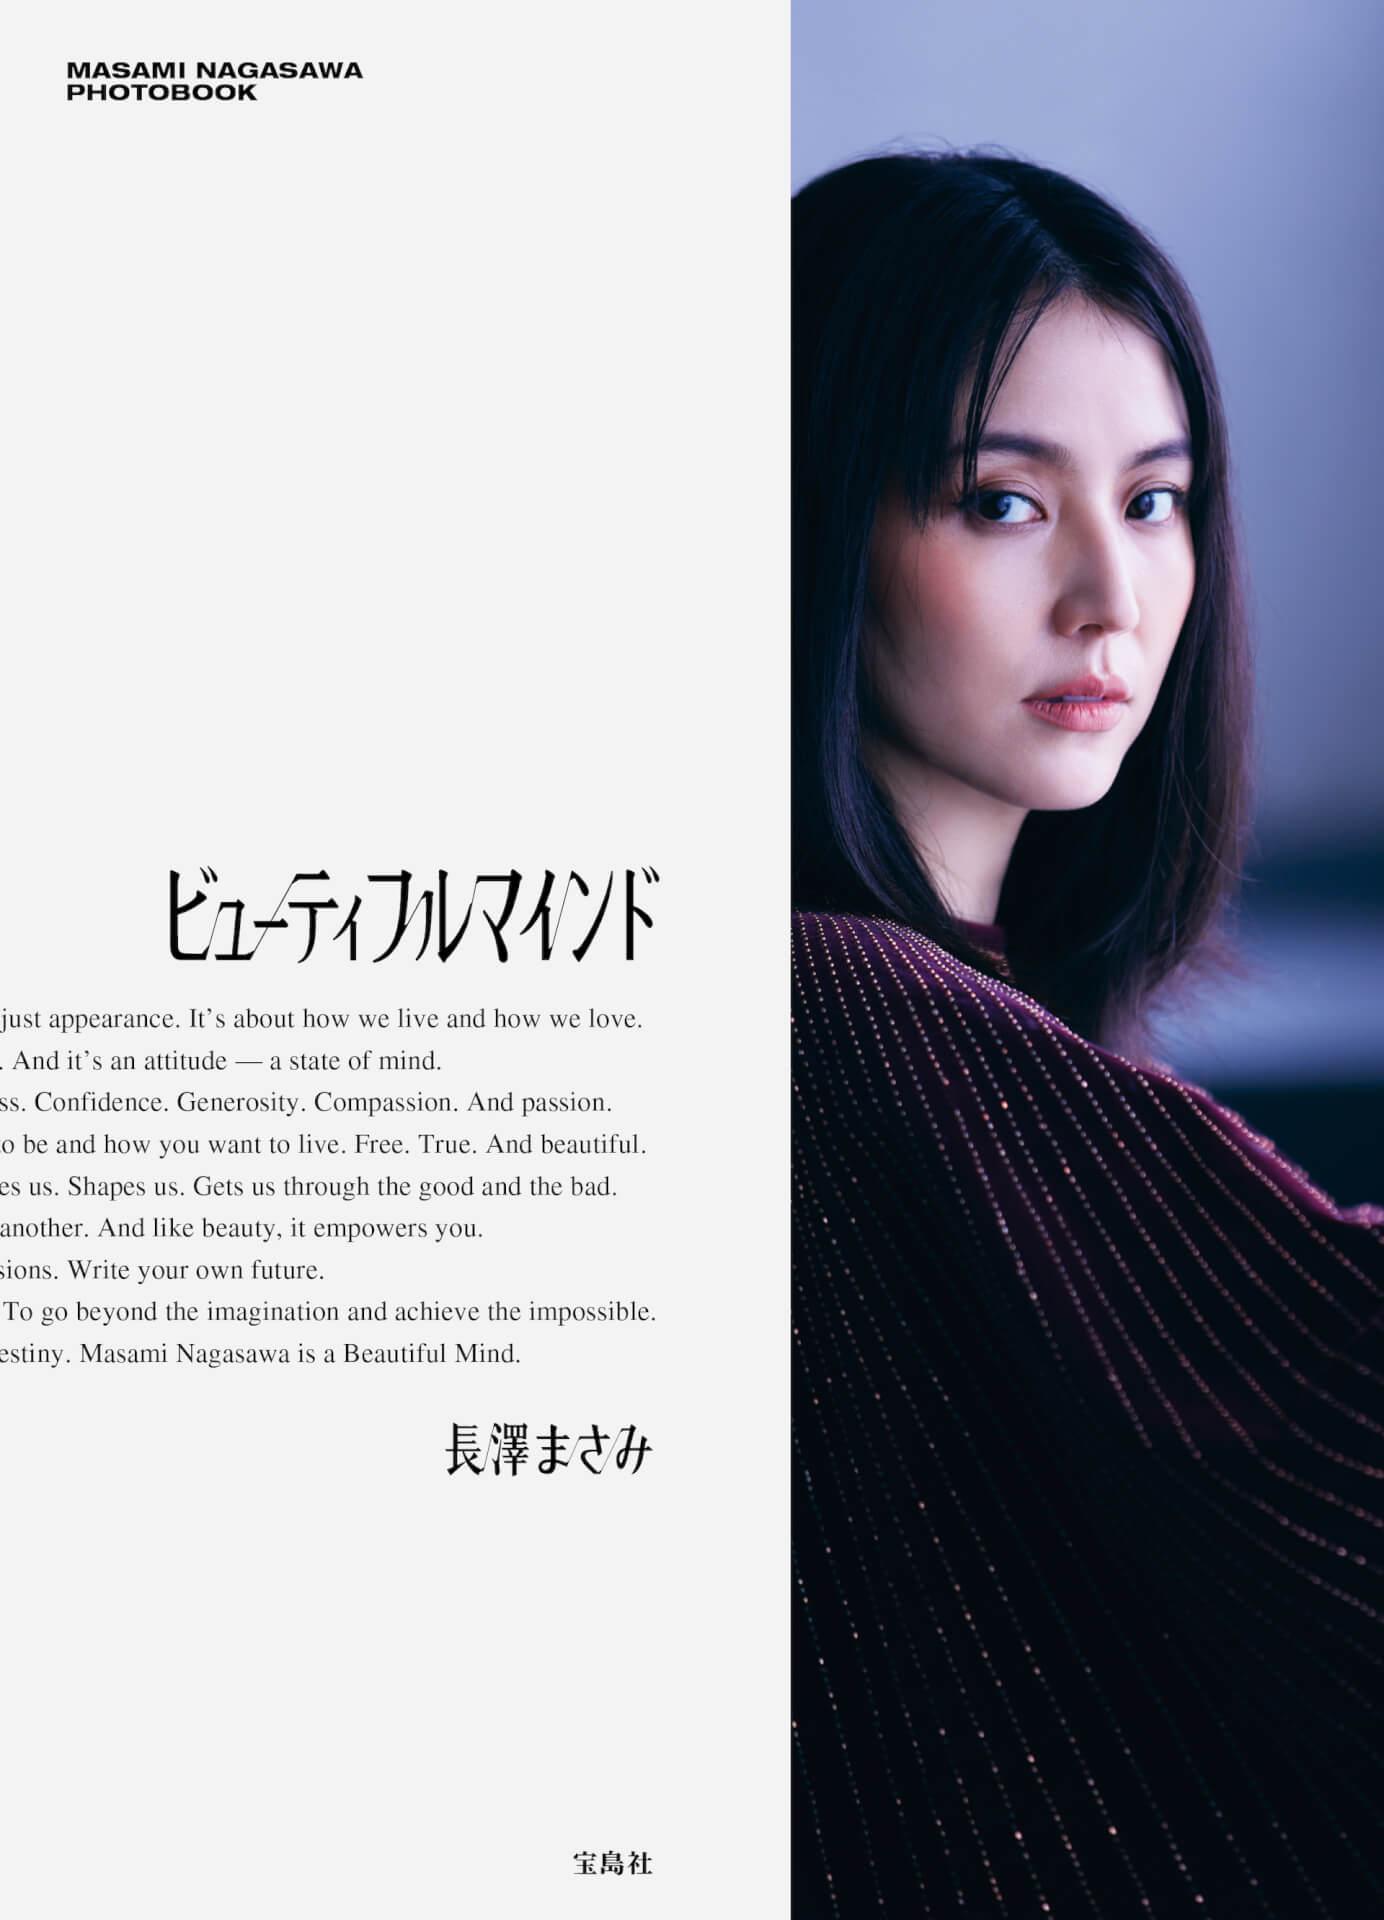 長澤まさみの妖麗な魅力が詰まった写真集『ビューティフルマインド』が発売前に重版決定!累計3万部を突破 art210805_nagasawamasami_3